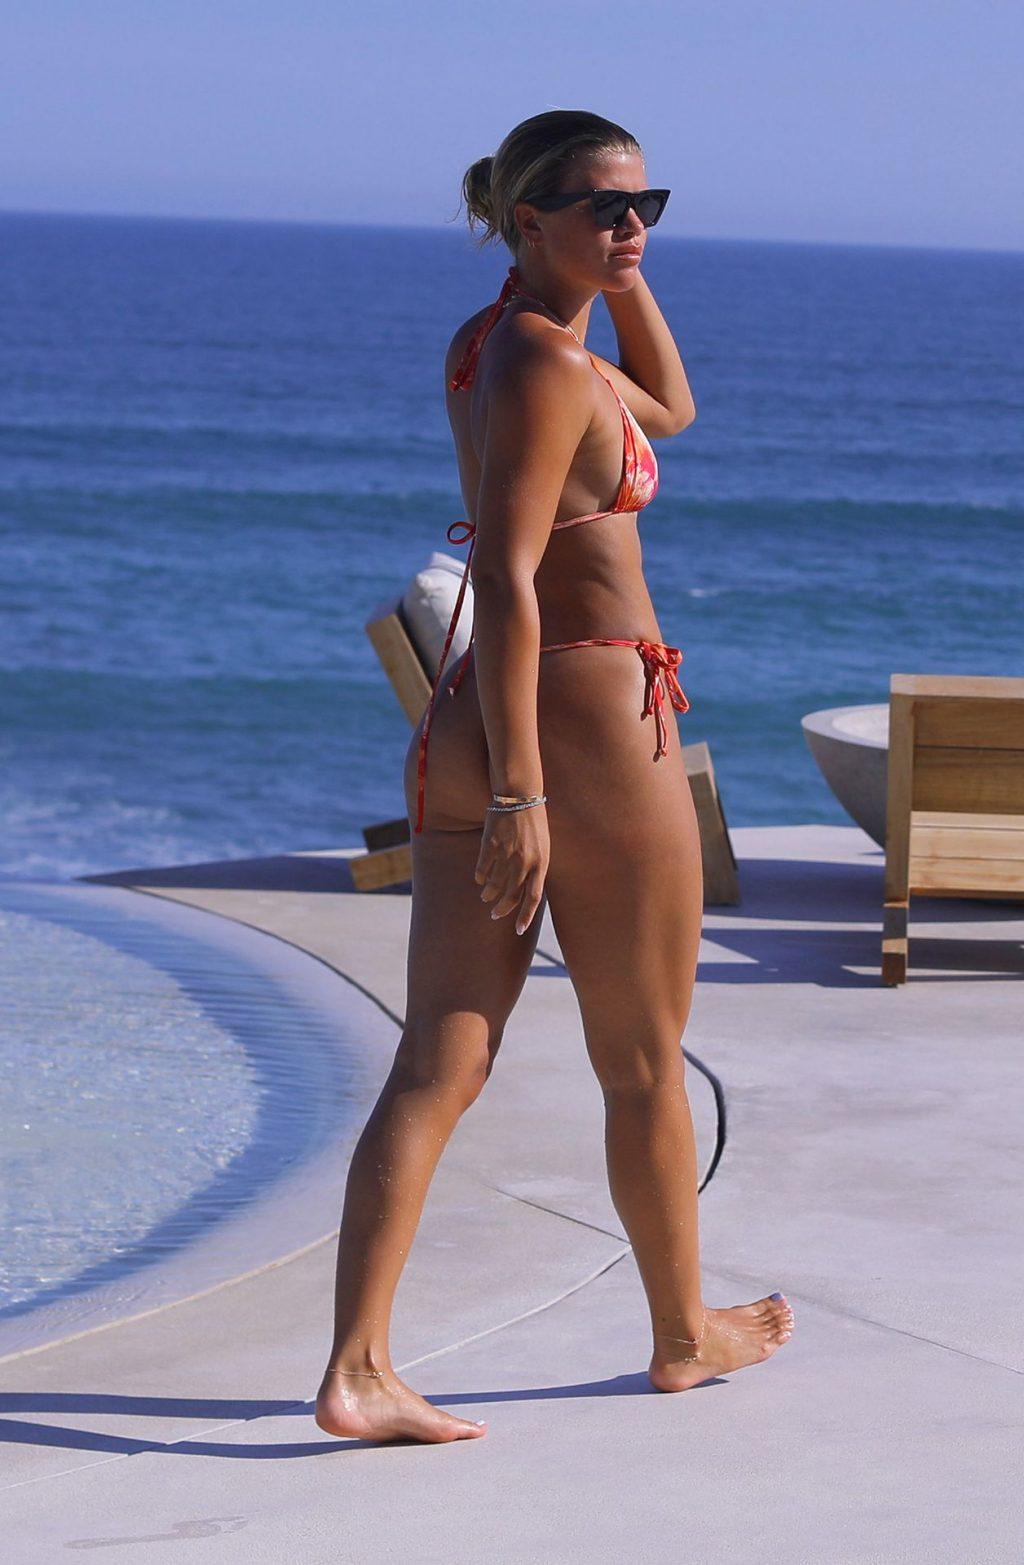 Sofia Richie Displays Her Sexy Body in a Bikini (12 Photos)